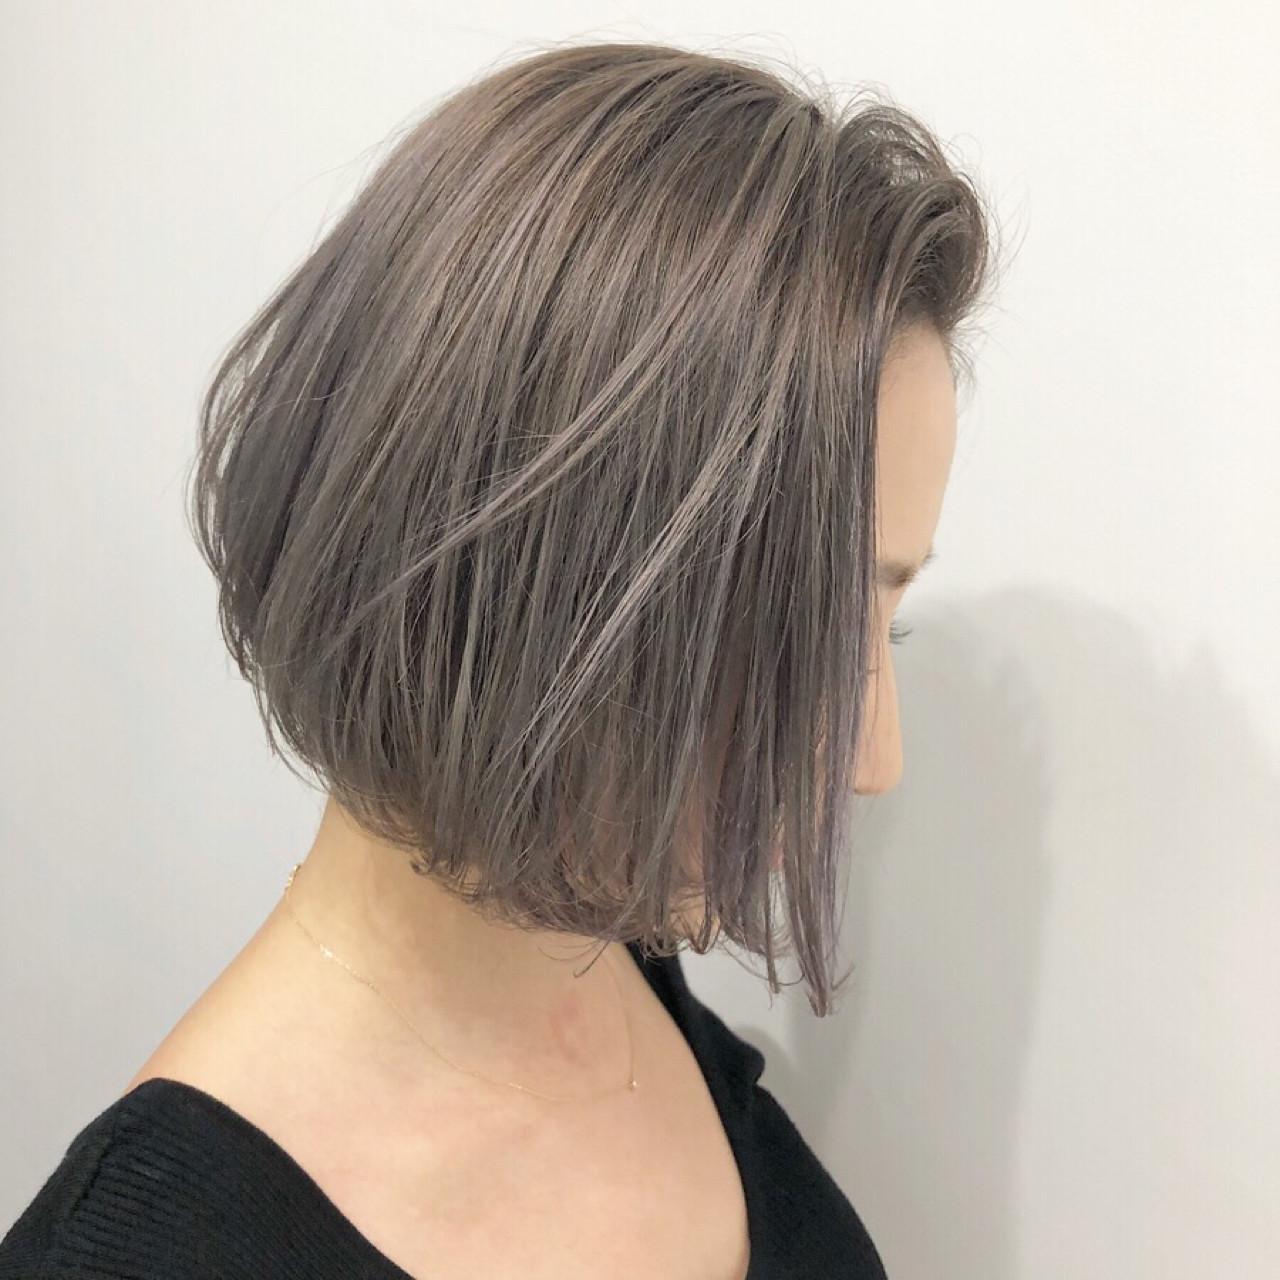 アッシュ ボブ ストリート グレージュヘアスタイルや髪型の写真・画像